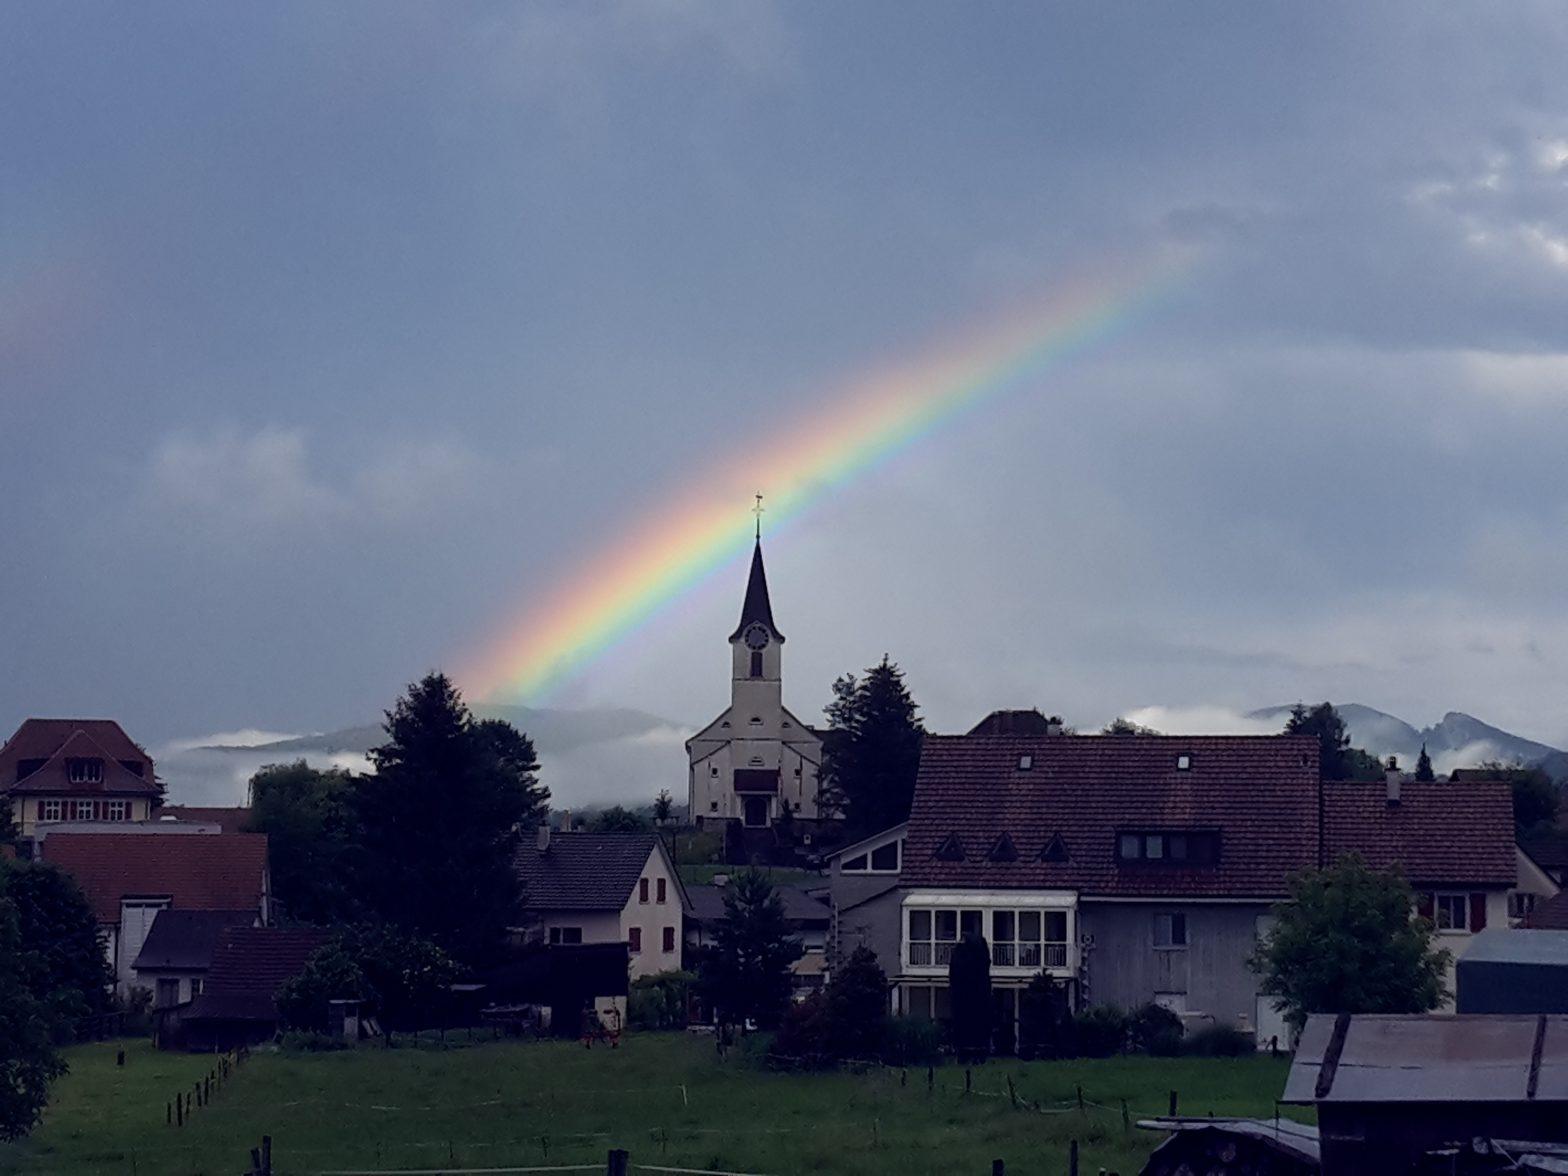 Kirchturm ohne Swisscom Mobilfunkantenne mit Regenbogen